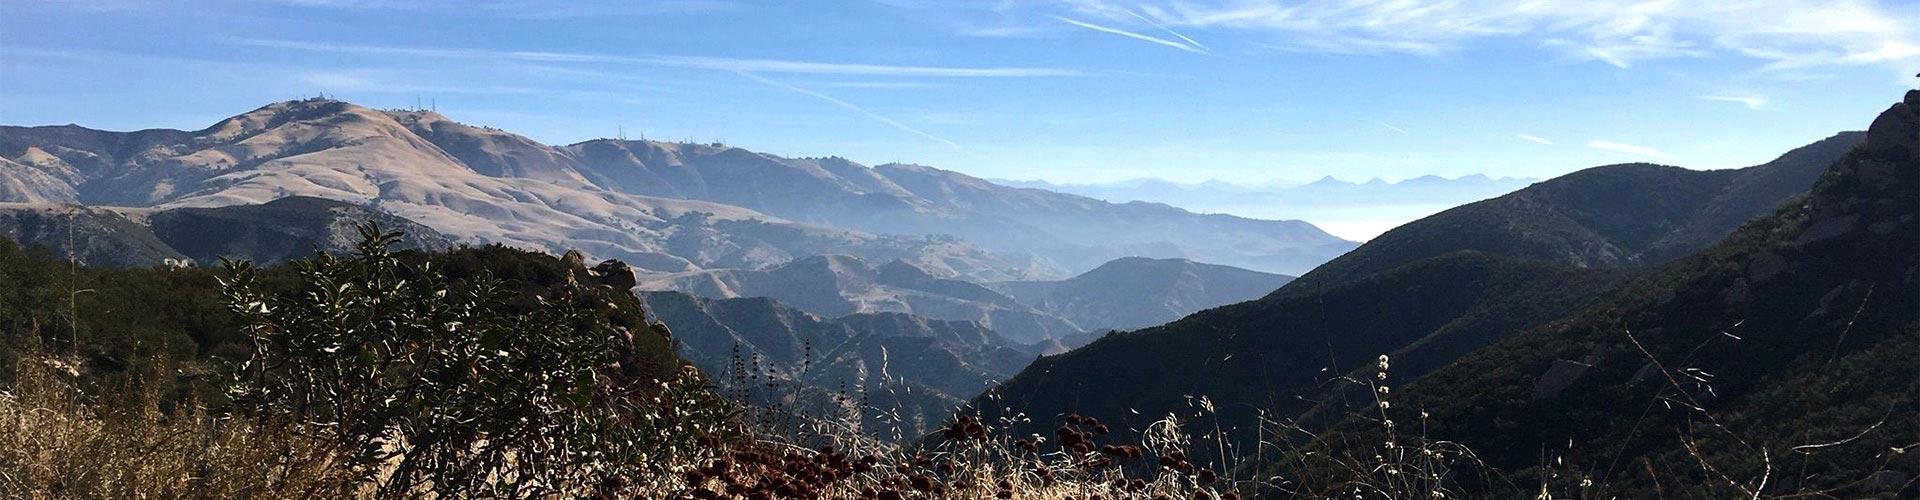 Chumash Trail Header